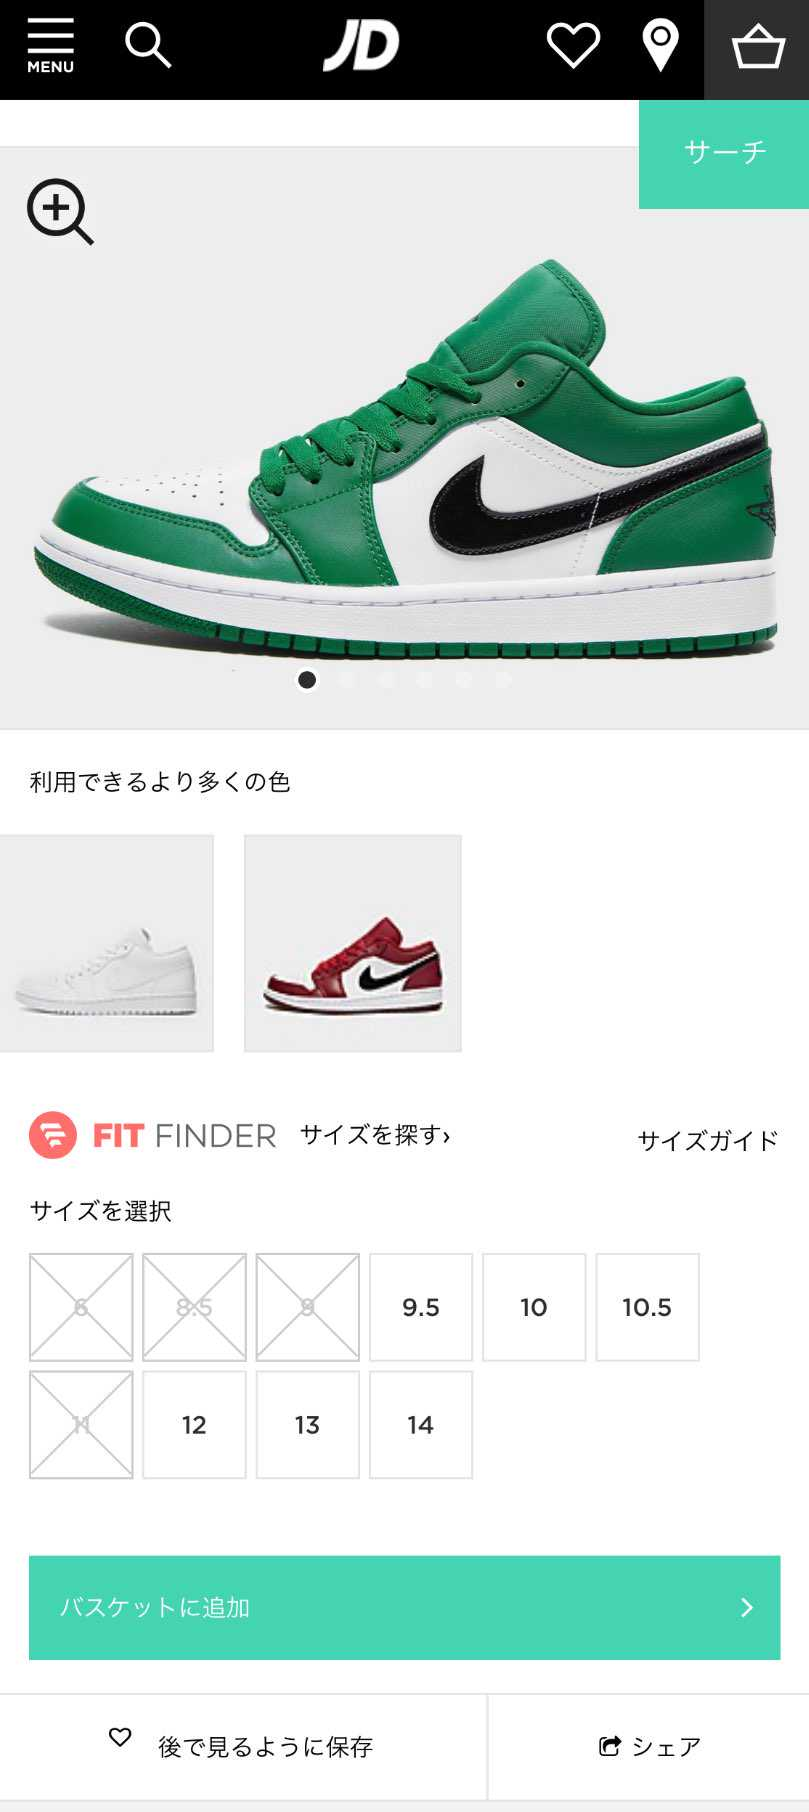 JDSPORTSで、購入できますよ。 日本円で、送料込み13496円になります